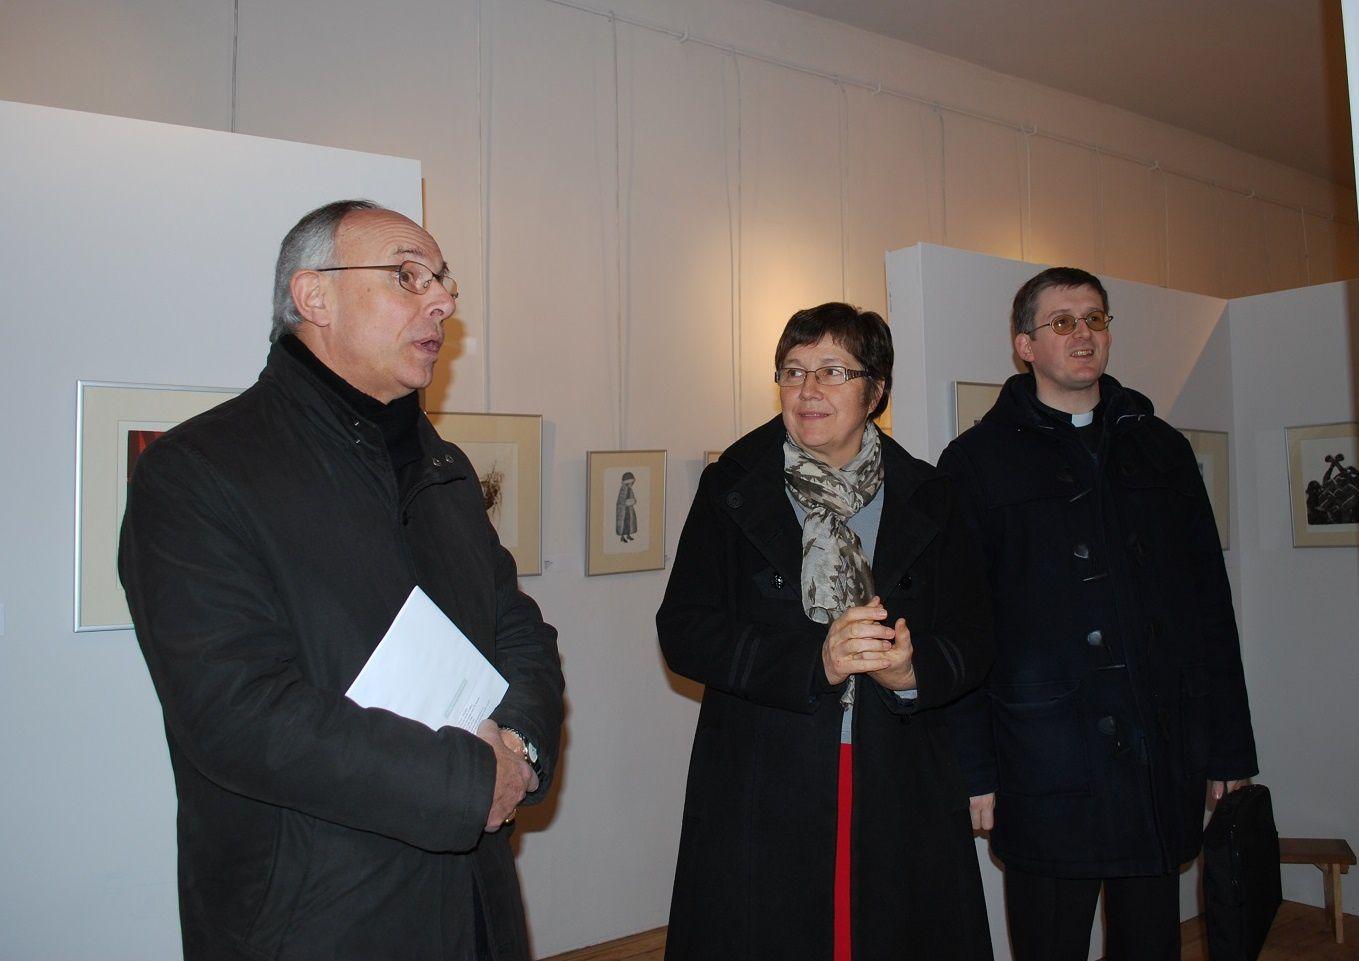 Monseigneur l'Archevêque d'Albi en visite au musée